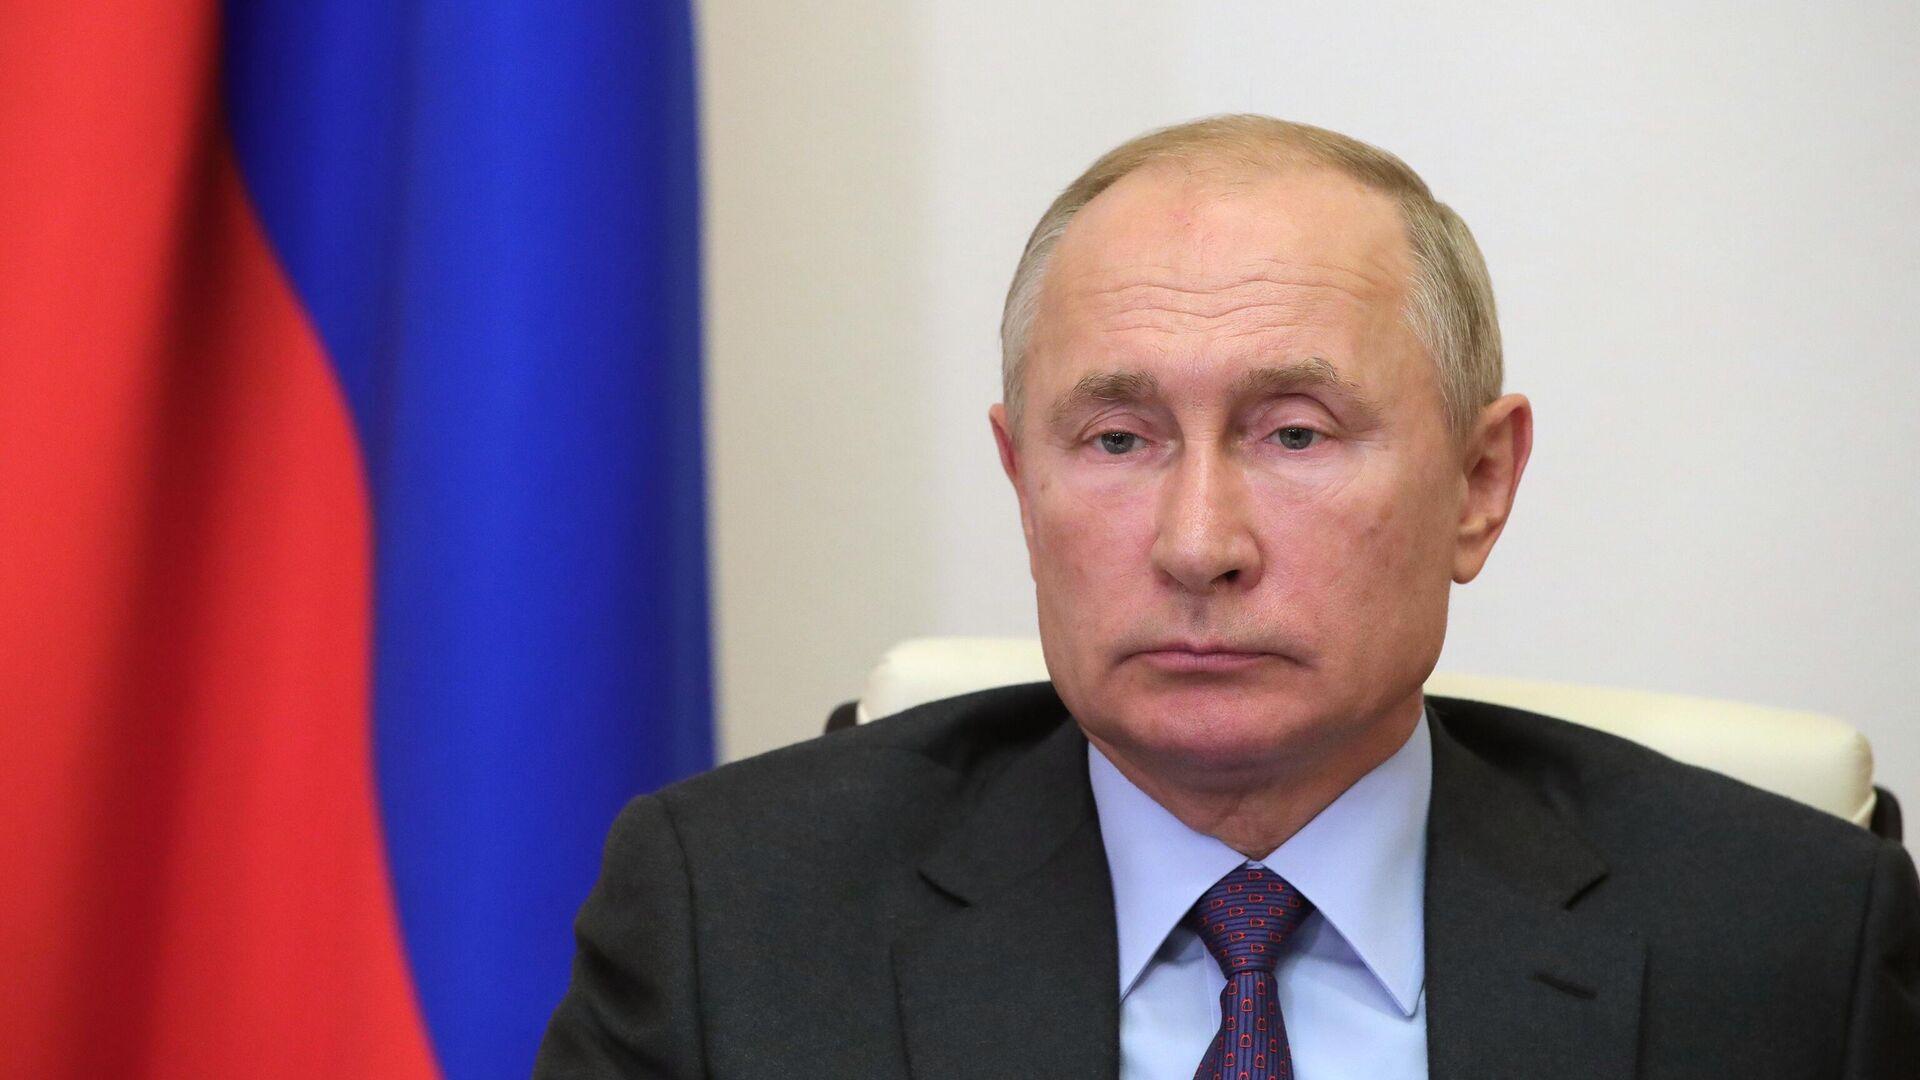 Президент РФ В. Путин провел совещание с членами правительства РФ - РИА Новости, 1920, 10.09.2020